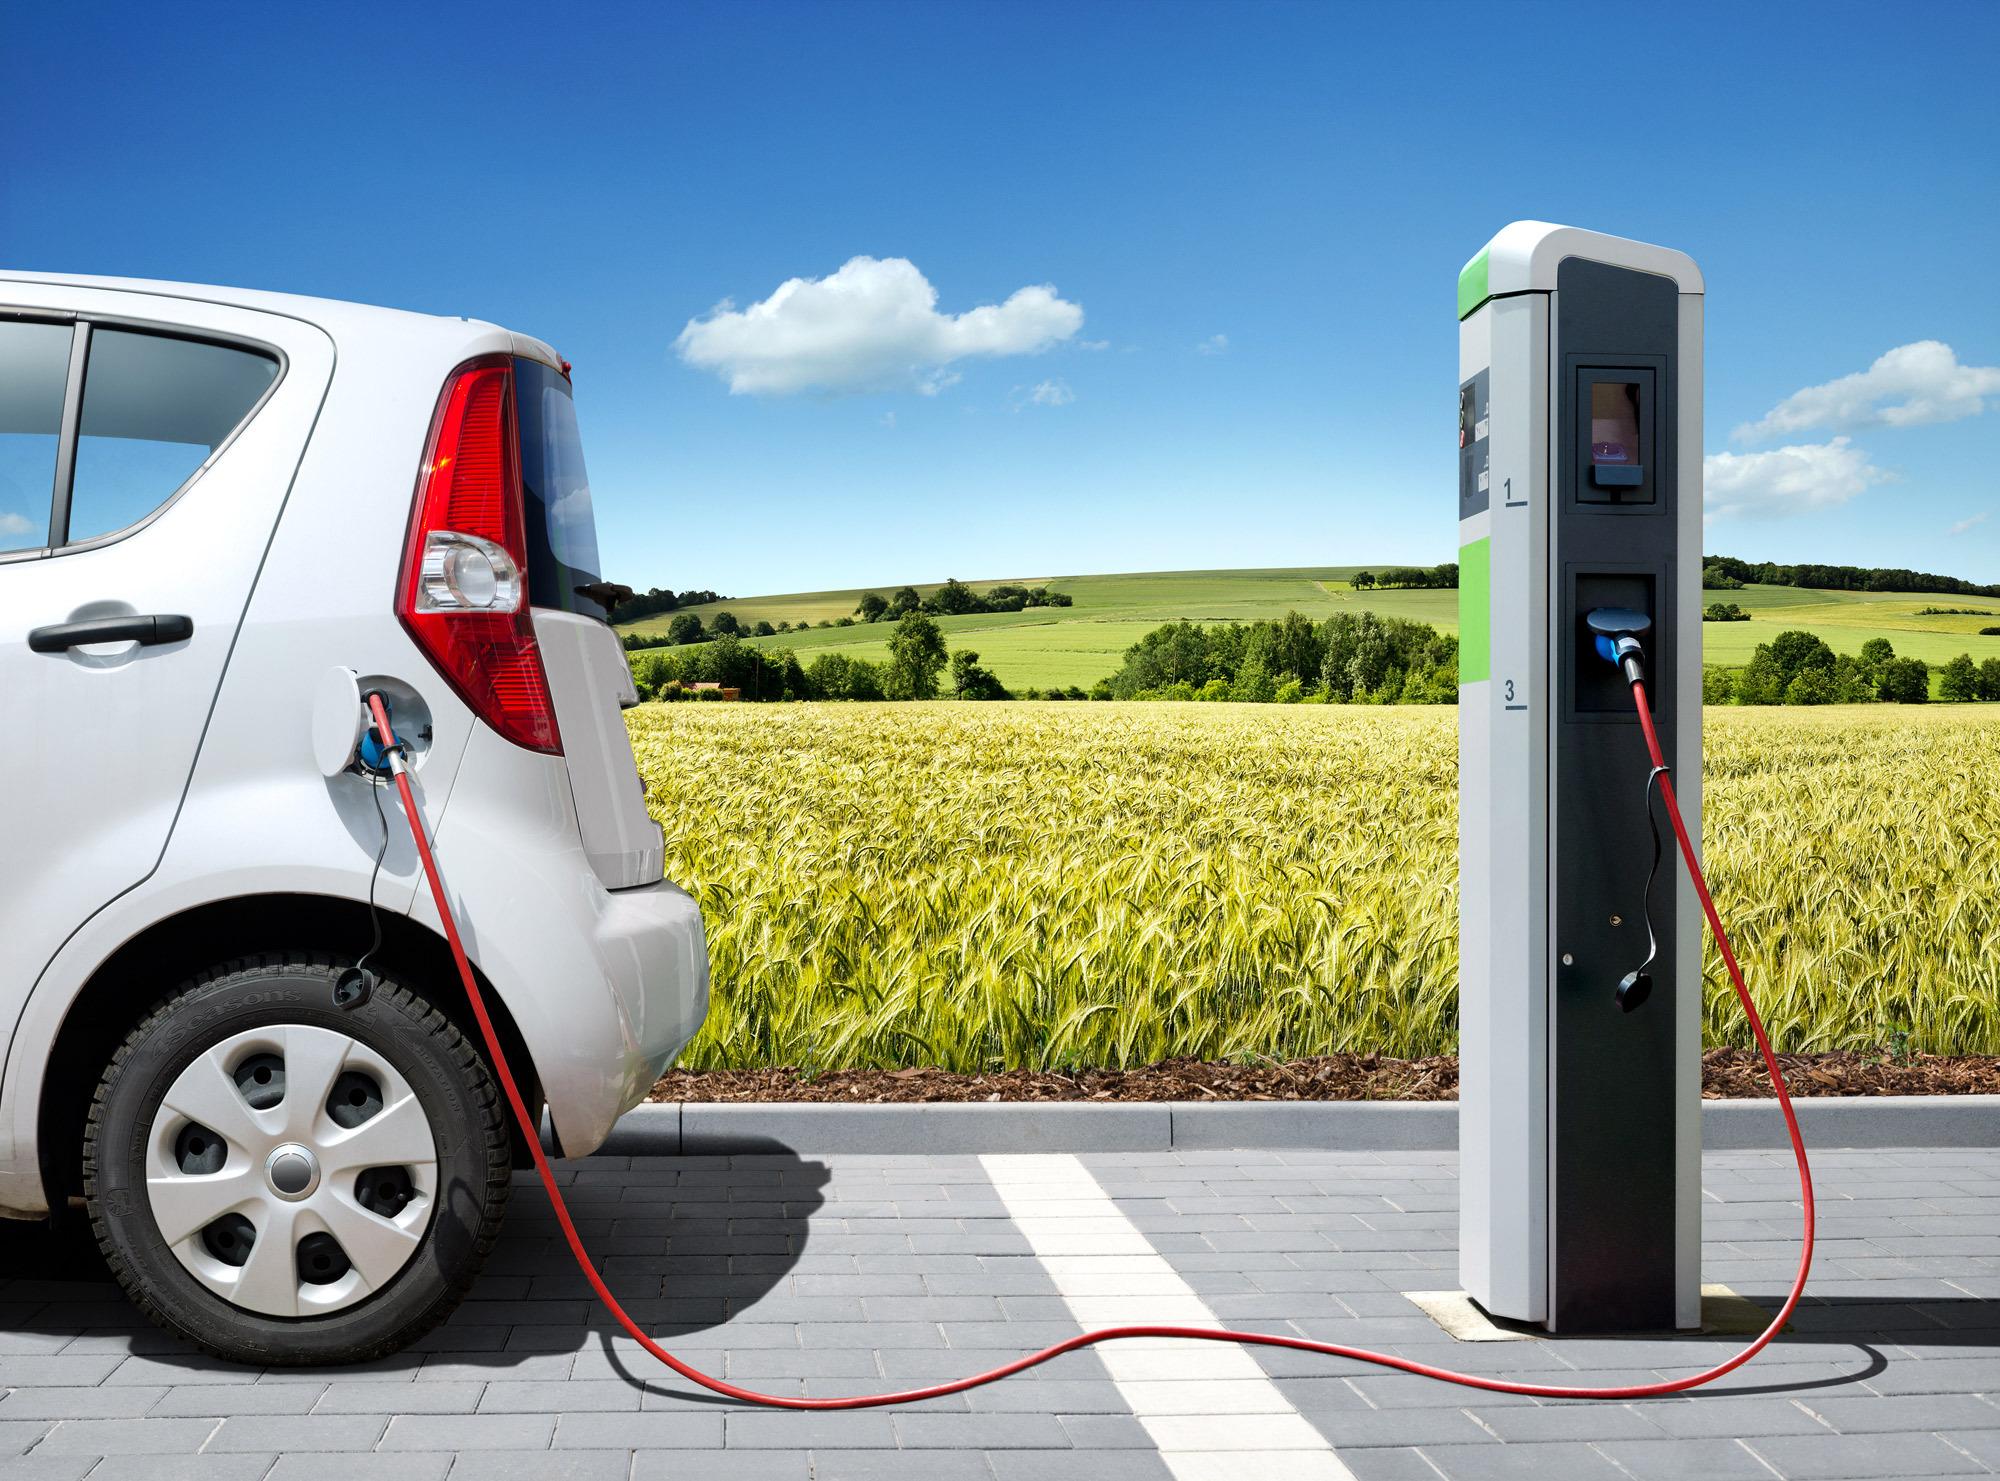 En 2025 sólo coches automáticos - la strategia sostenible de los Países Bajos